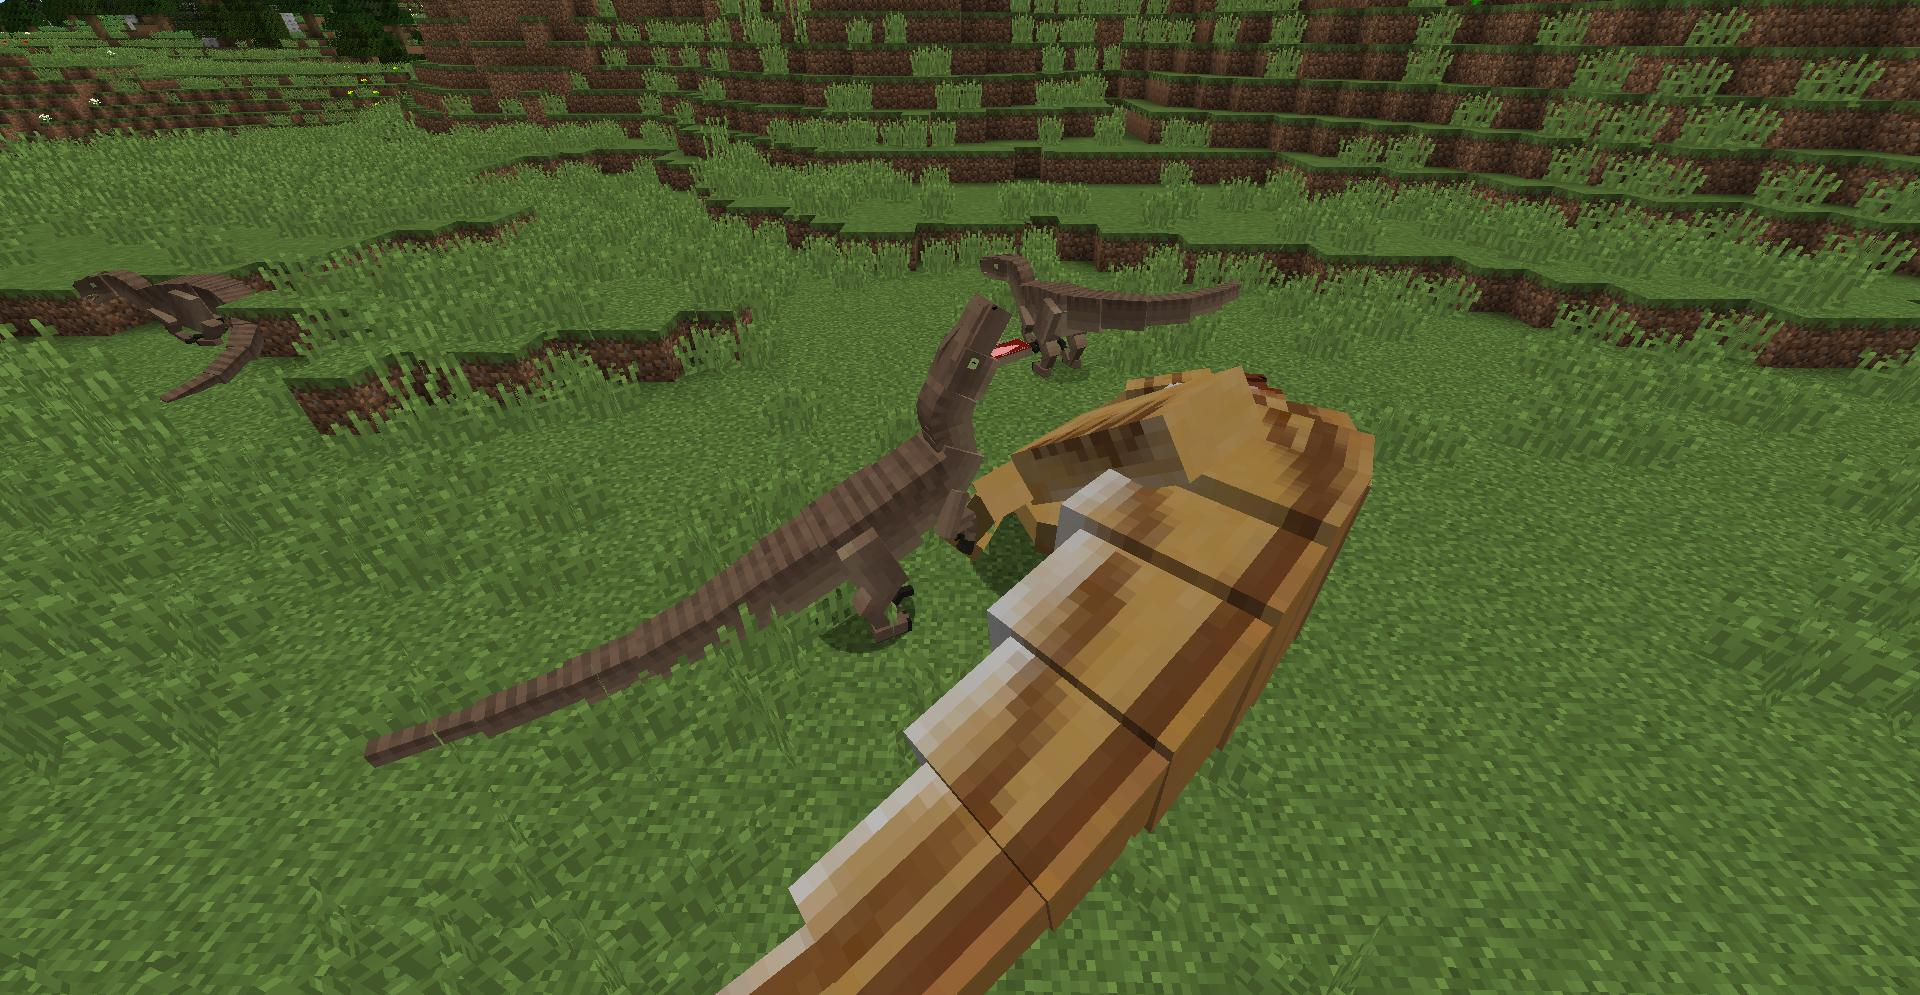 мод на динозавров в майнкрафт 1.7.10 #2